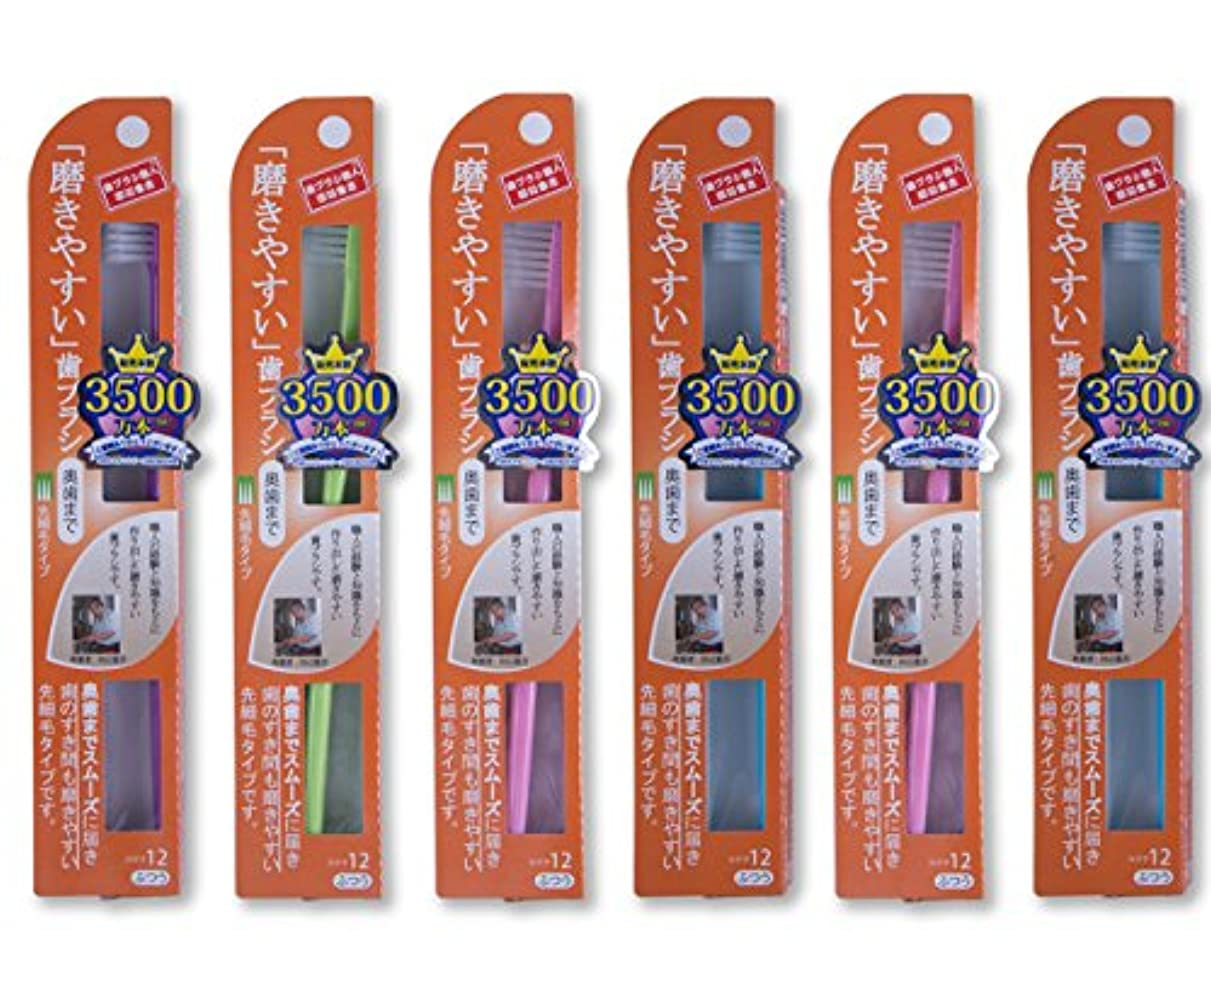 定義広範囲にすなわち歯ブラシ職人 Artooth® 田辺重吉  日本製 磨きやすい歯ブラシ(奥歯まで)先細 LT-12 (6本入)